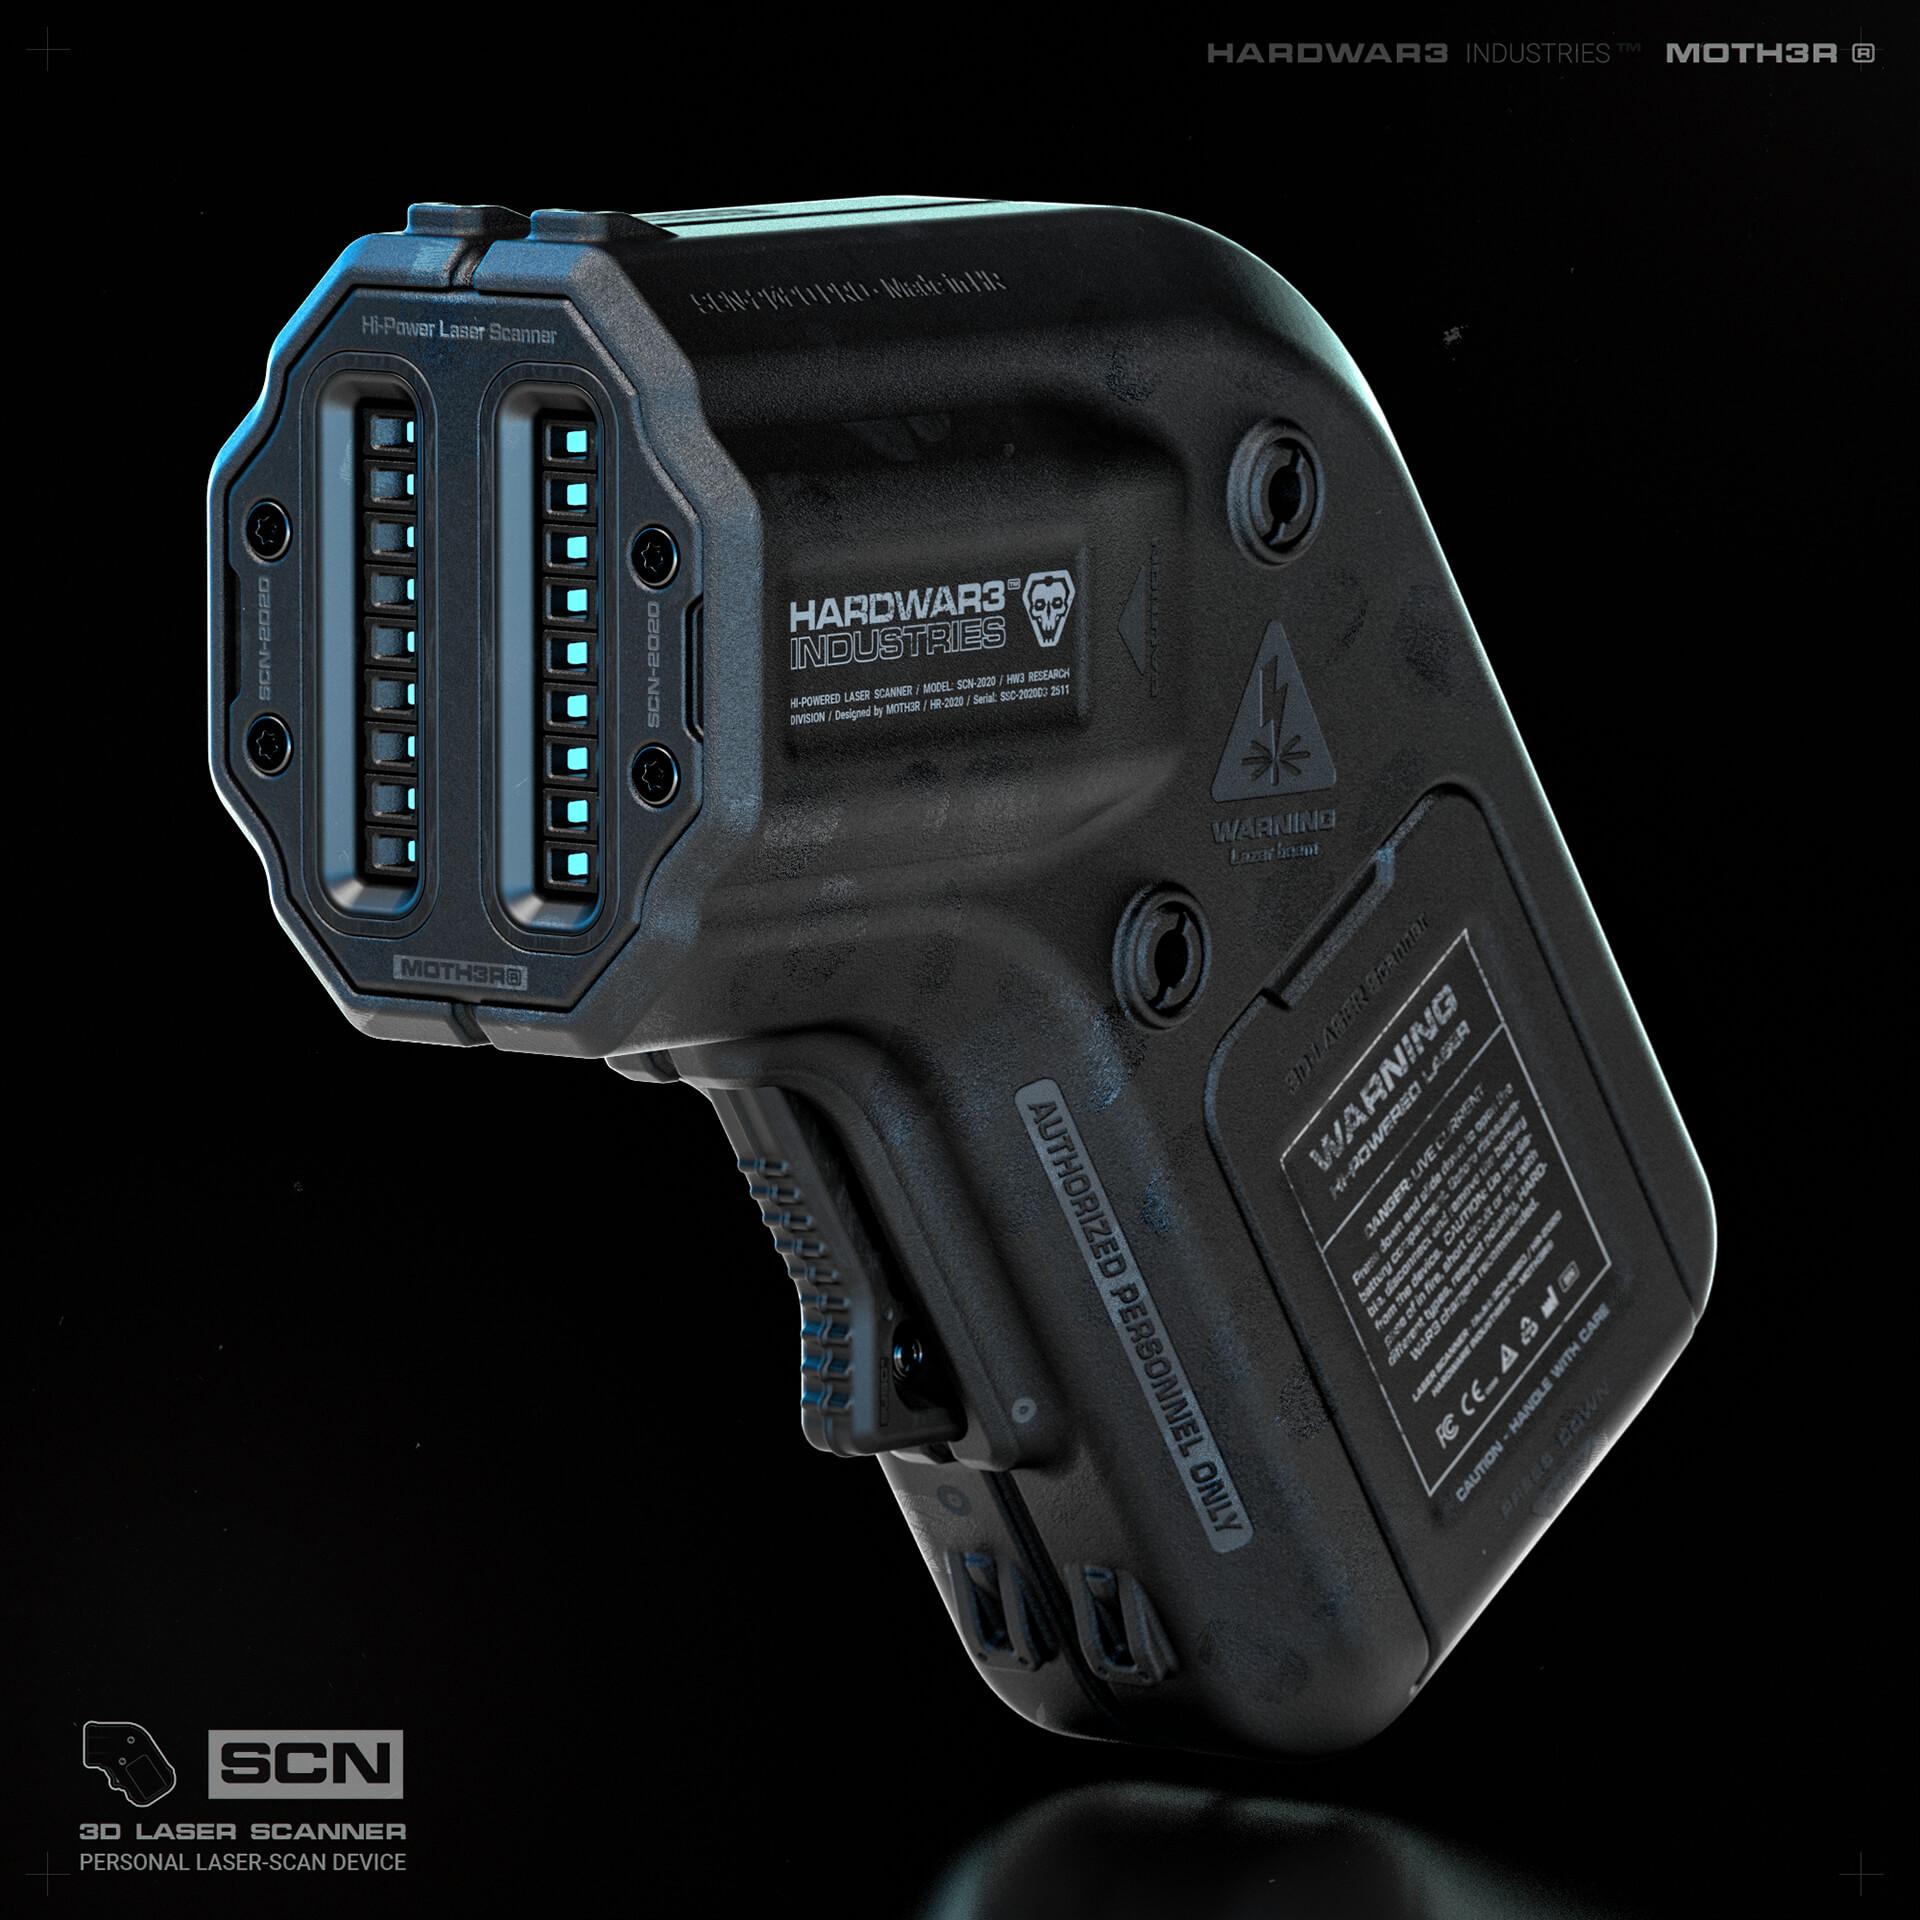 Scanner-001.76